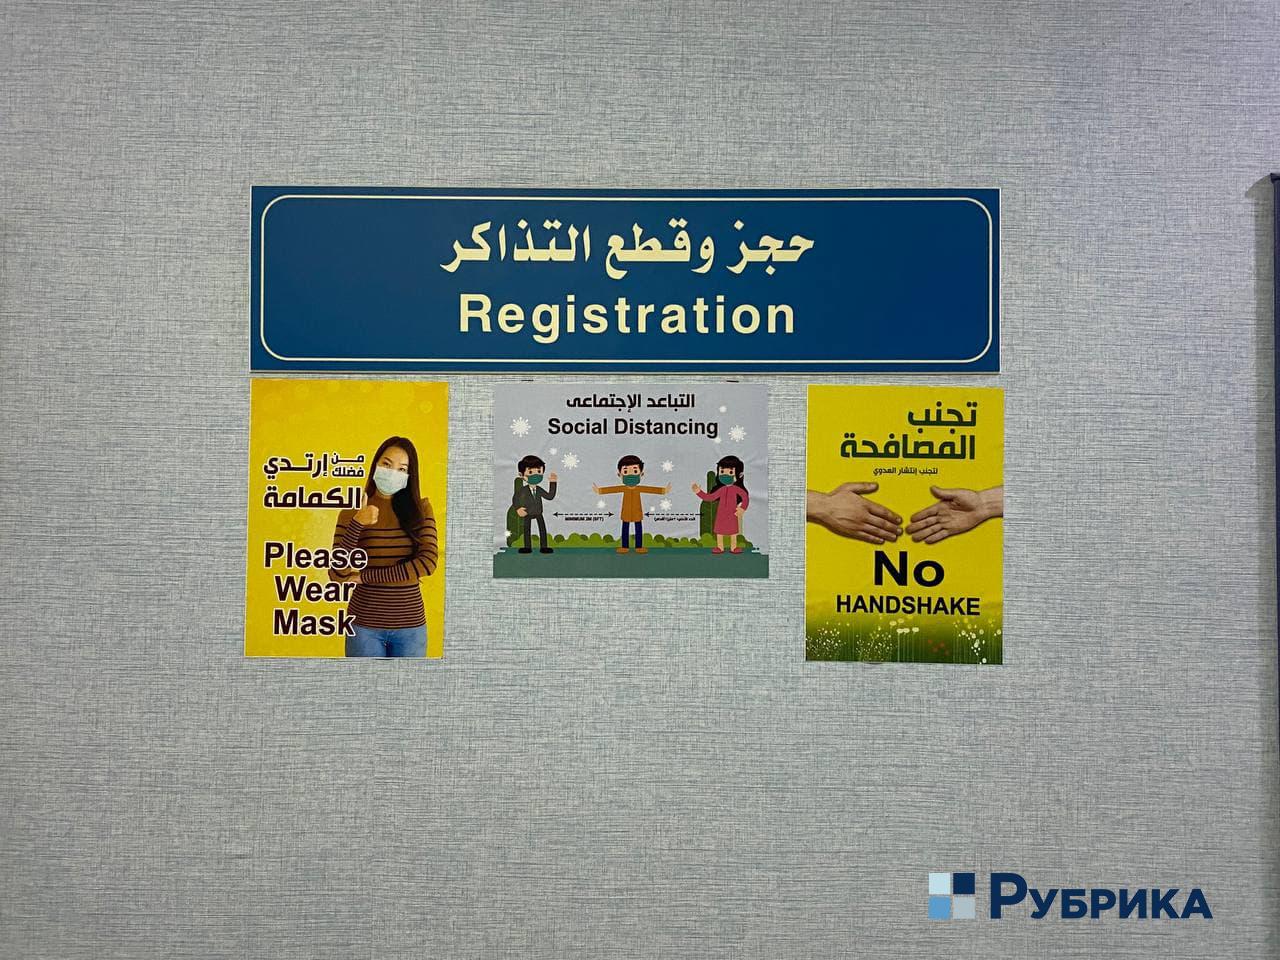 У Єгипті іноземці можуть зробити безкоштовно щеплення від COVID-19